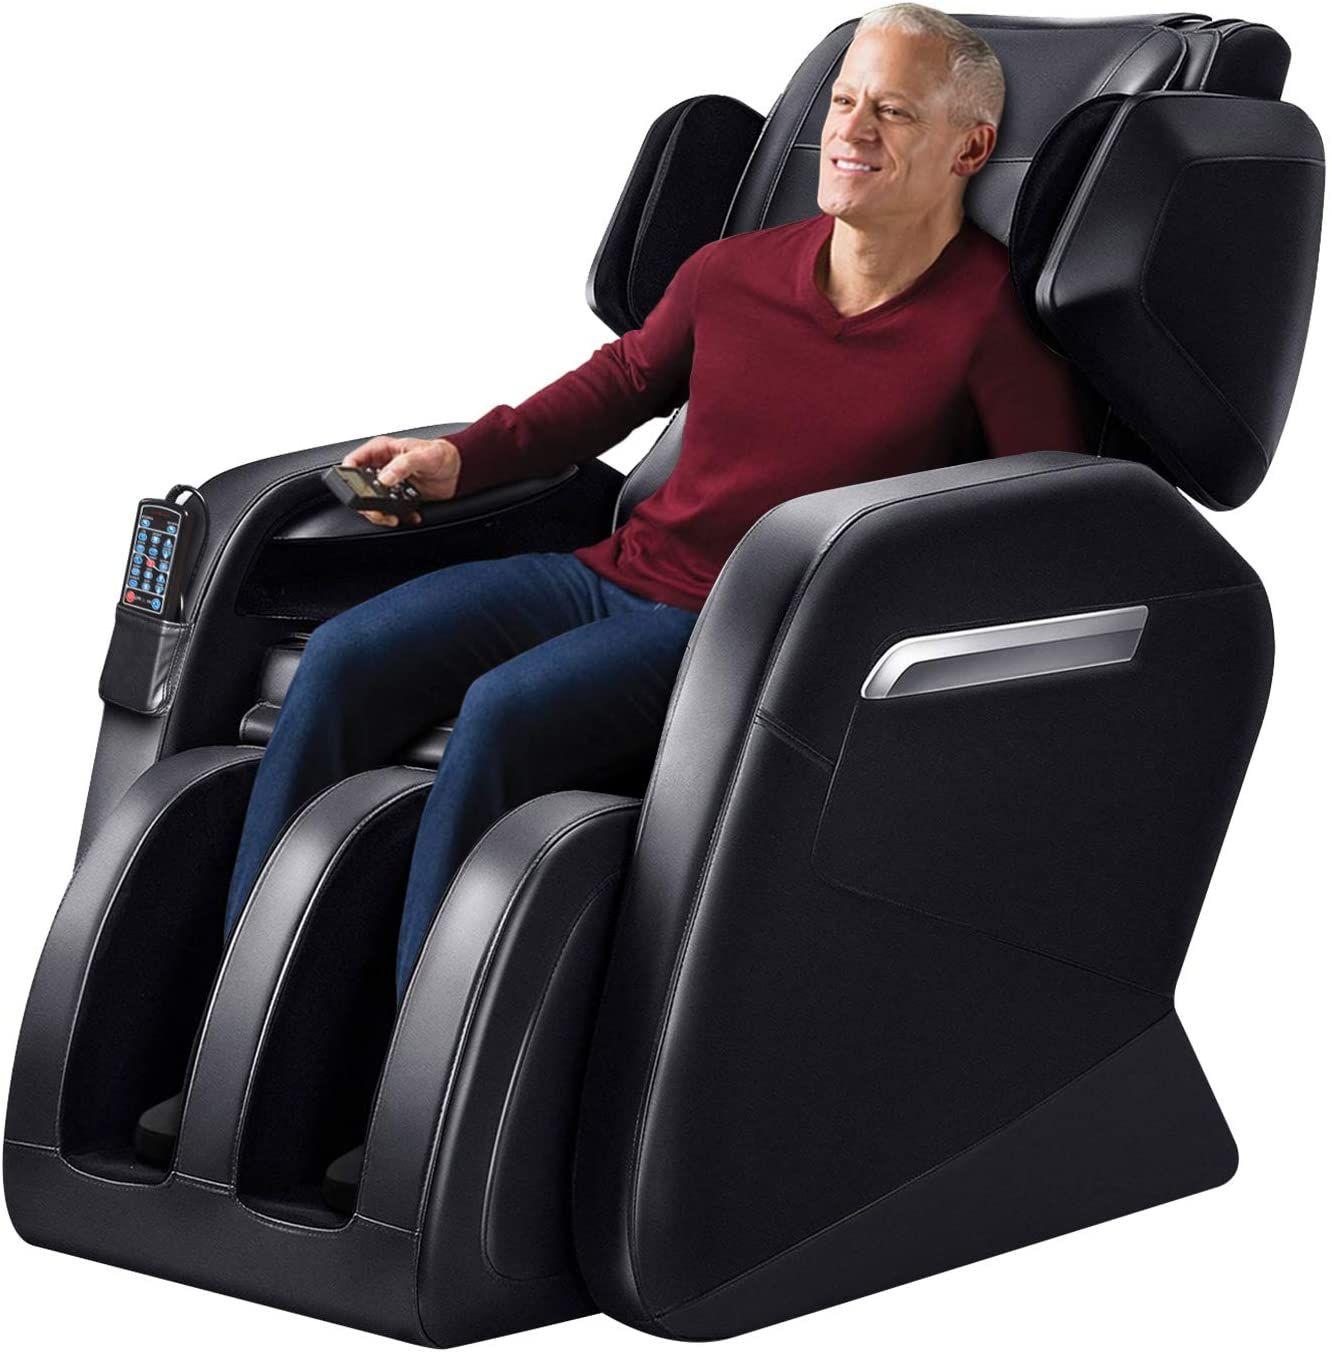 Ootori Zero Gravity Massage Chairs Zero Gravity Full Body Air Shaitsu Massage Chair Recliner With Lower Back And Calve Massage Chair Massage Full Body Massage